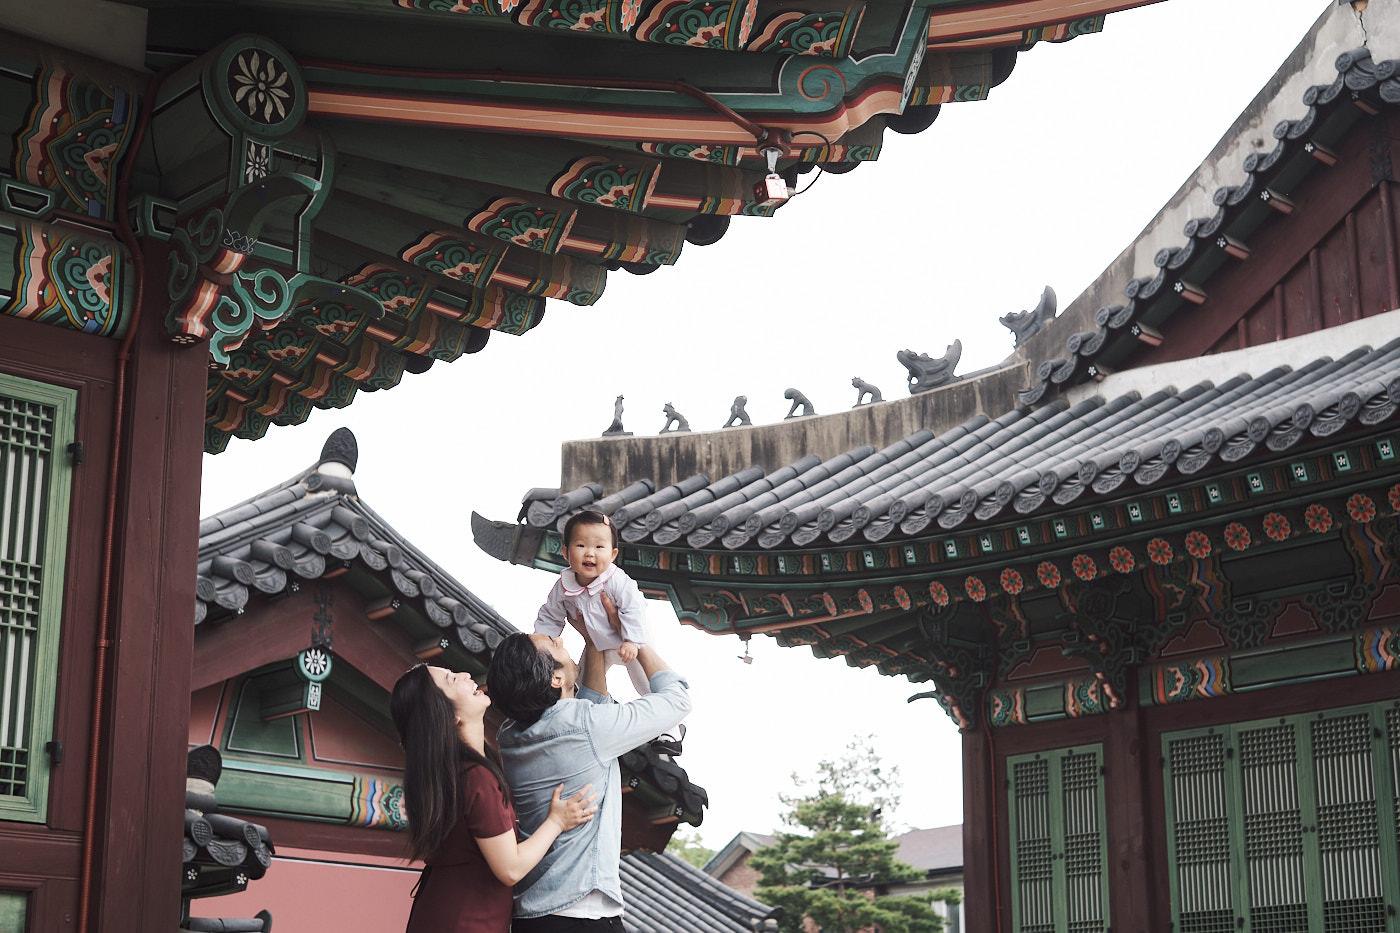 Family Photos for Maliha at Changdeokgung - Flying